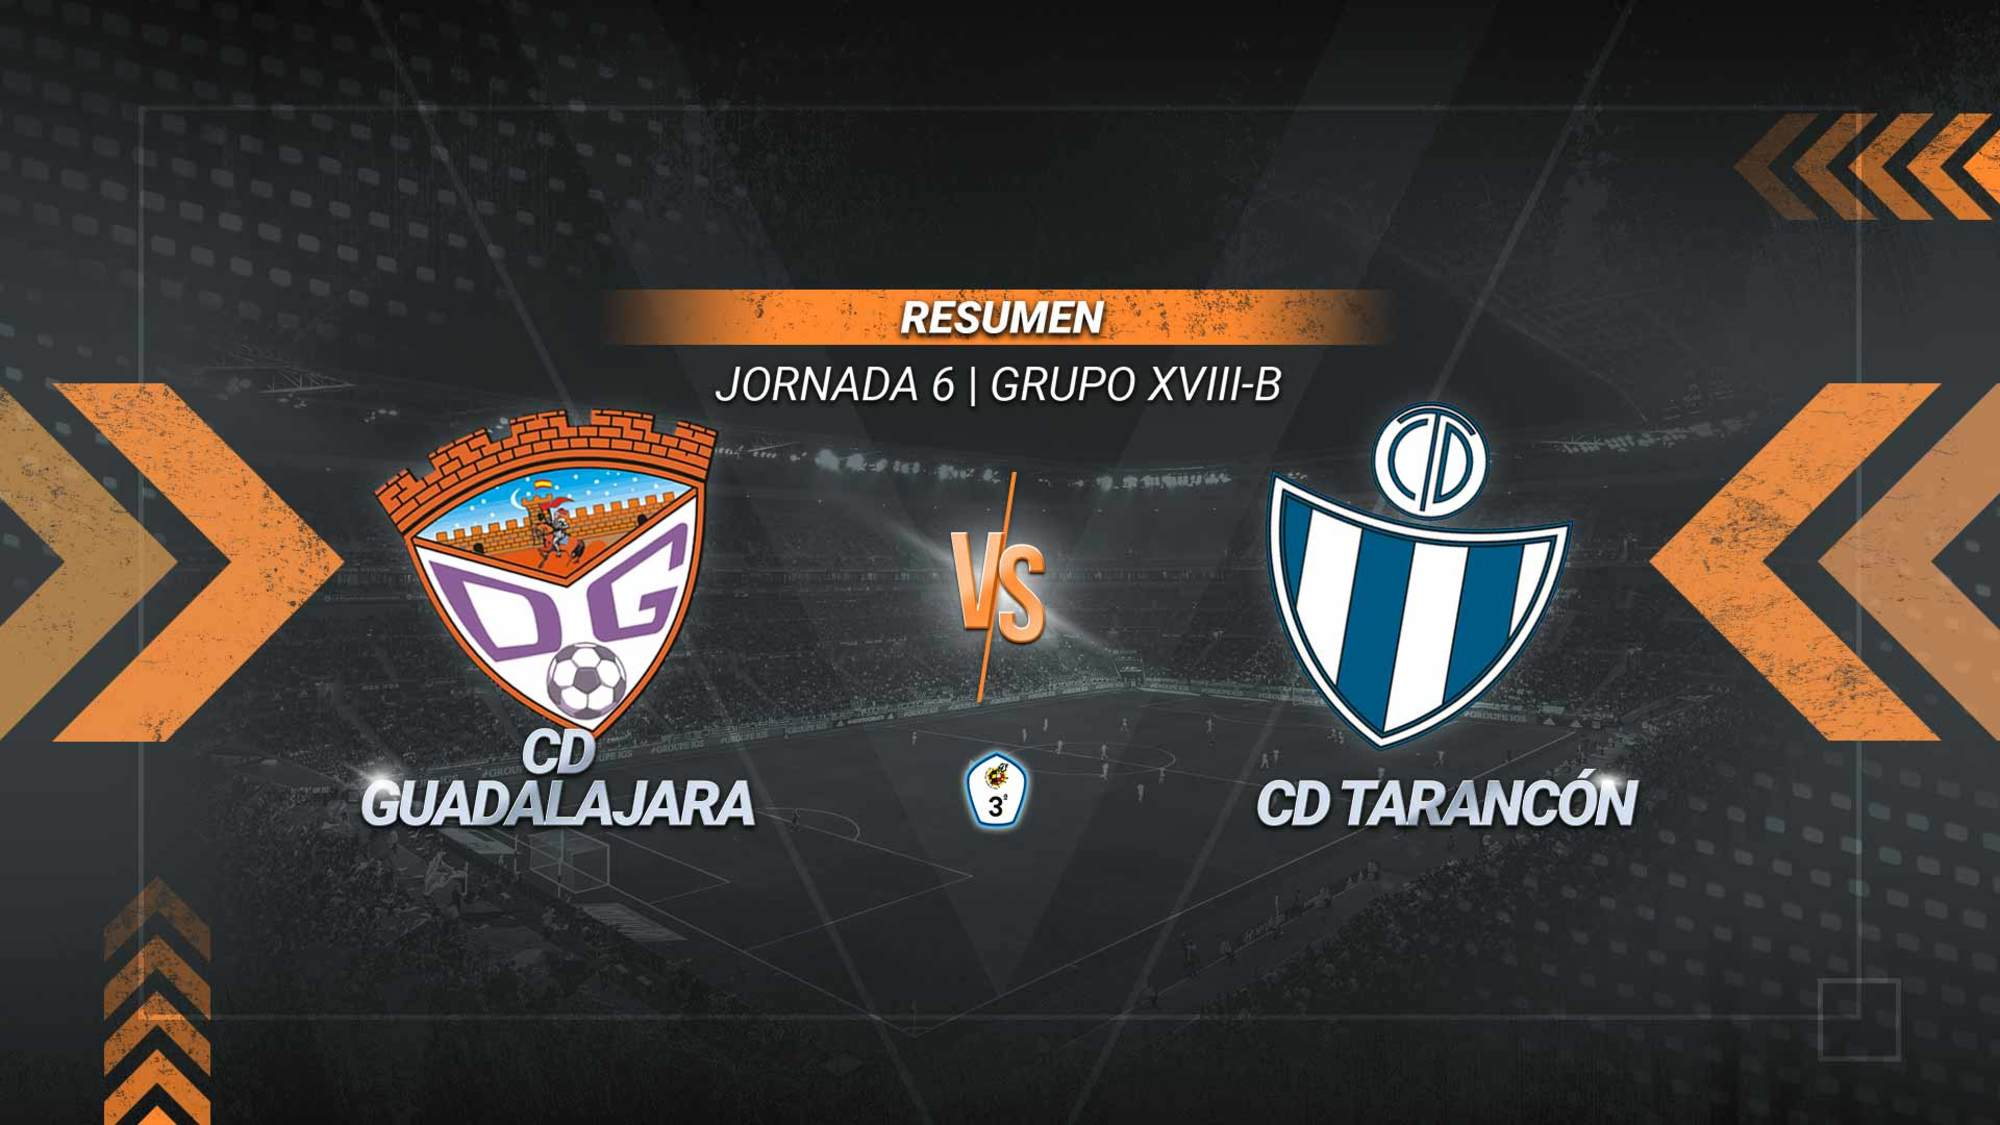 El Guadalajara se carga al líder Tarancón y suma la tercera victoria de la temporada. Los goles de Álex García y Success provocan la primera derrota de los taranconenses, que acabaron con un futbolista menos tras la expulsión de Mazzocchi. También fue expulsado el técnico visitante Jorge Cañete.